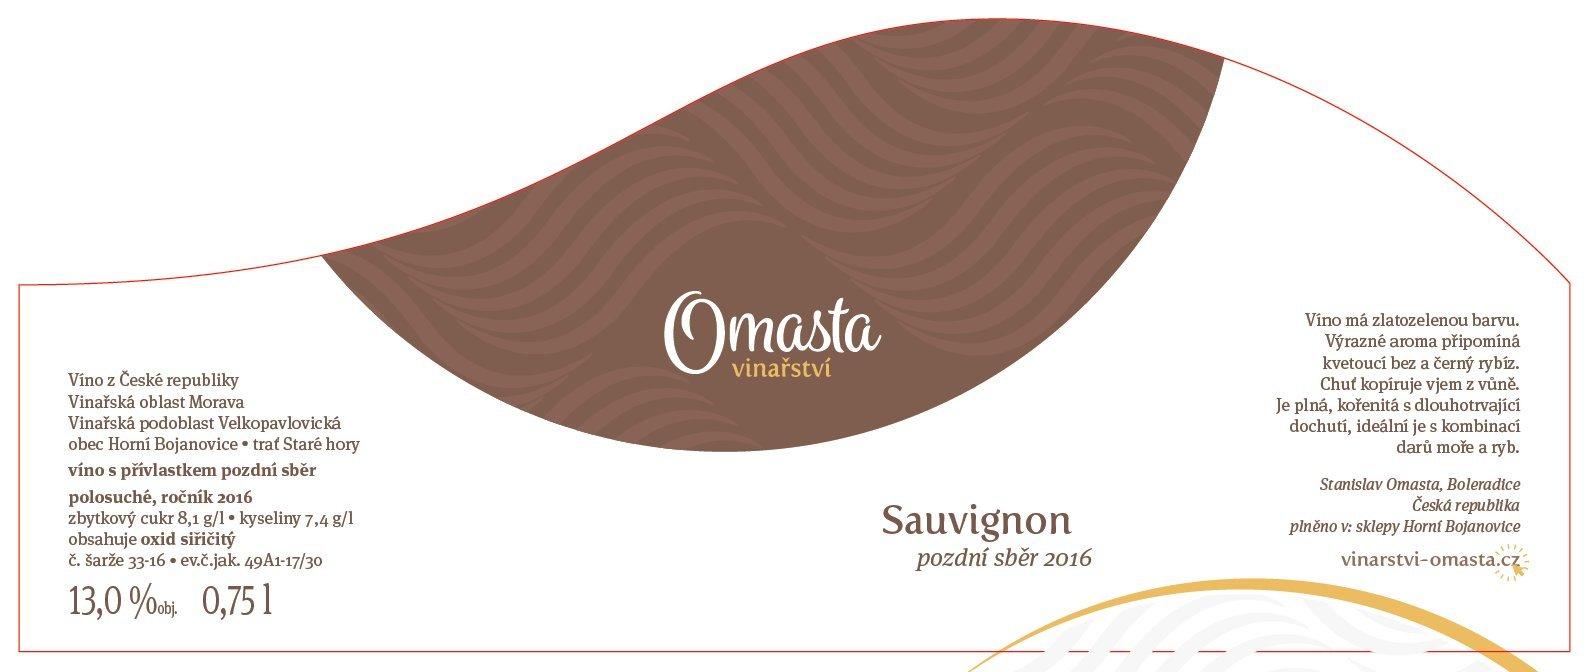 Vinařství Omasta - Sauvignon - Pozdní sběr 2016 - 0,75l (balení 6 lahví)